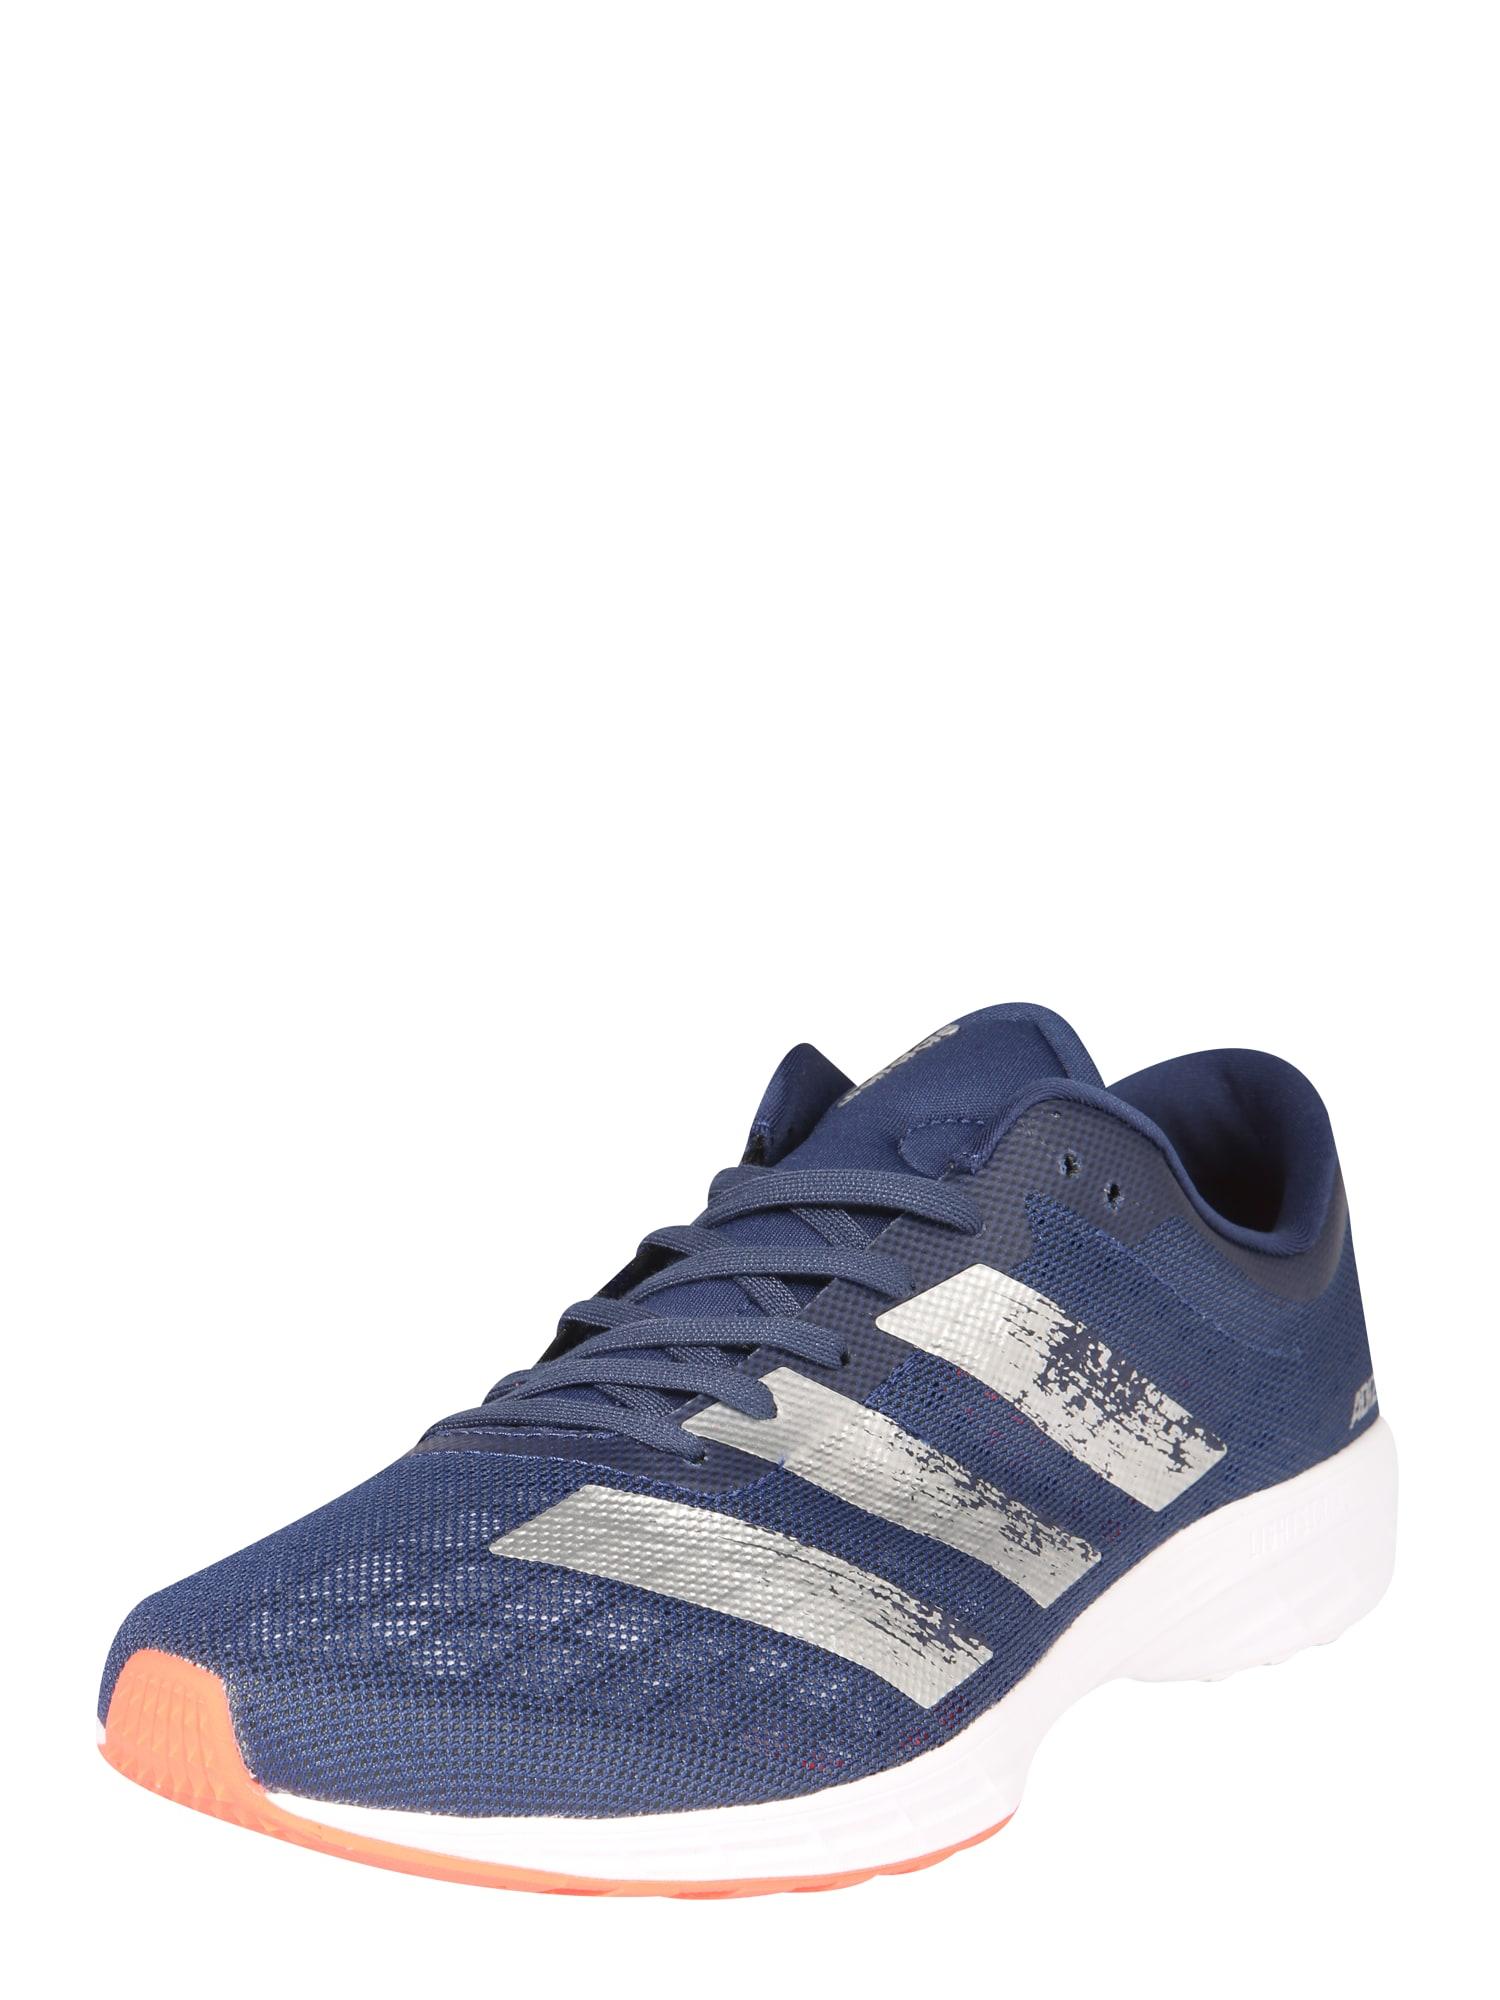 ADIDAS PERFORMANCE Bėgimo batai 'adizero RC 2 m' tamsiai mėlyna